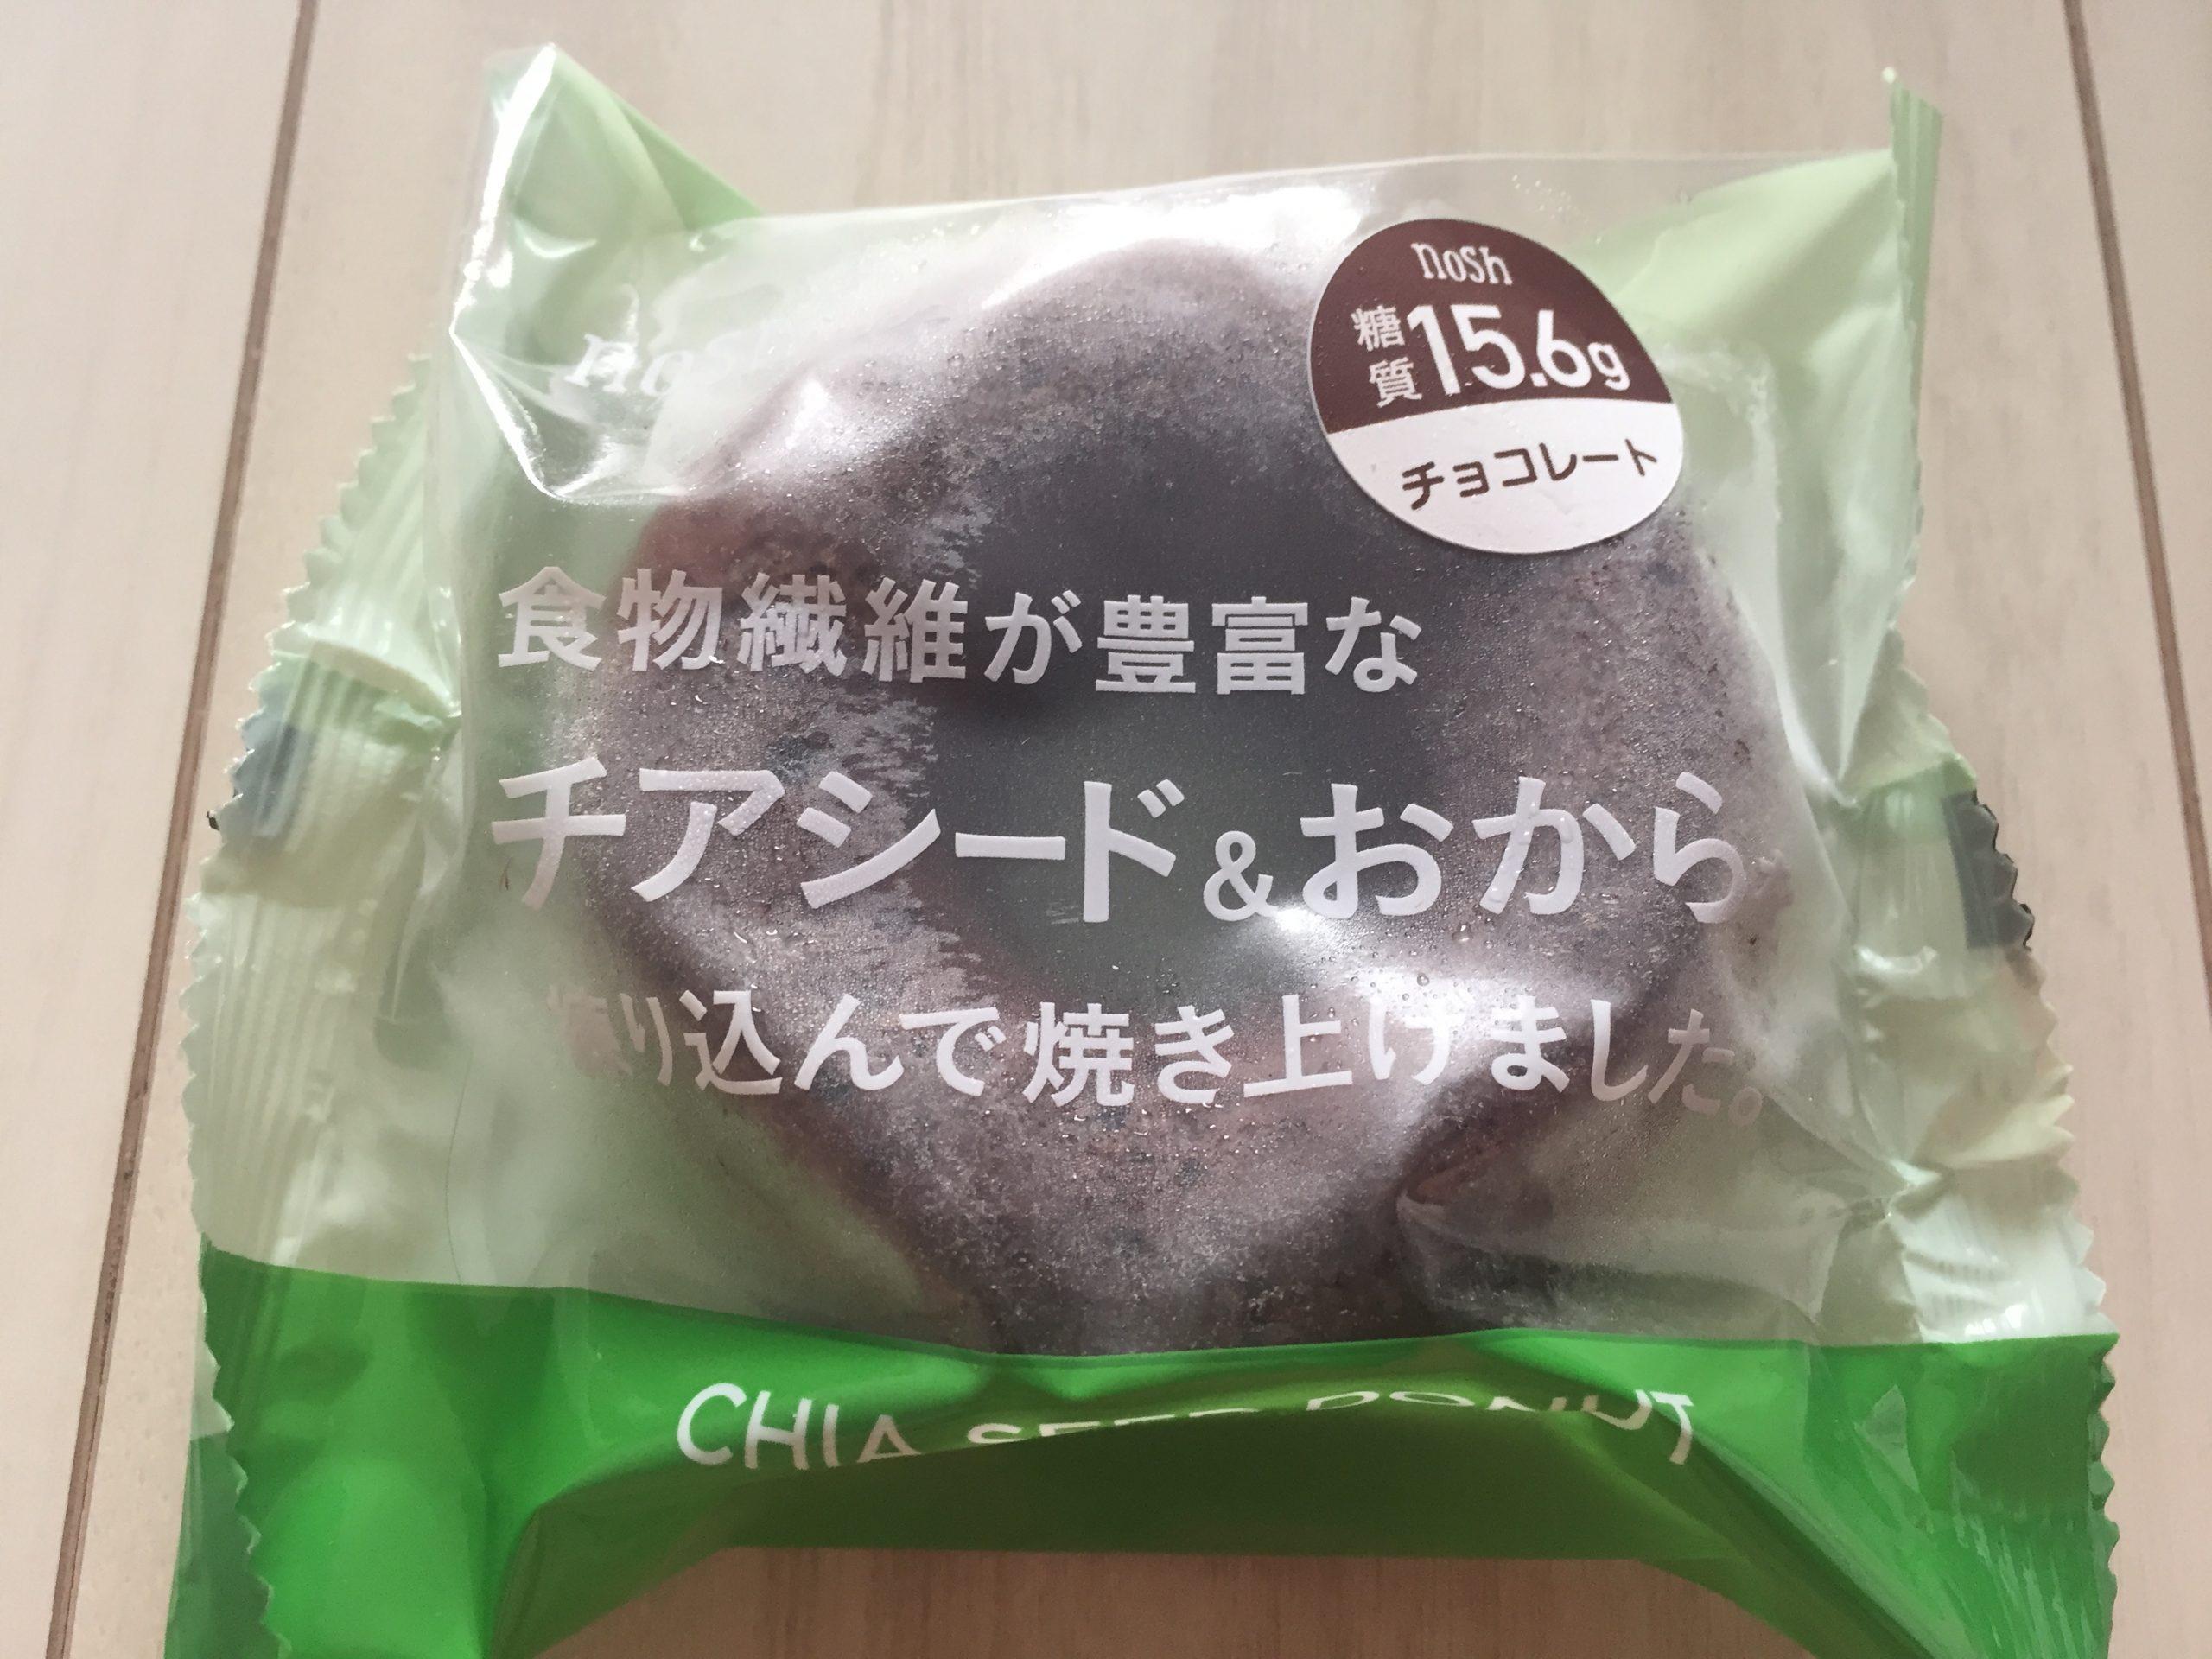 チアシード&おからのチョコレートドーナツ